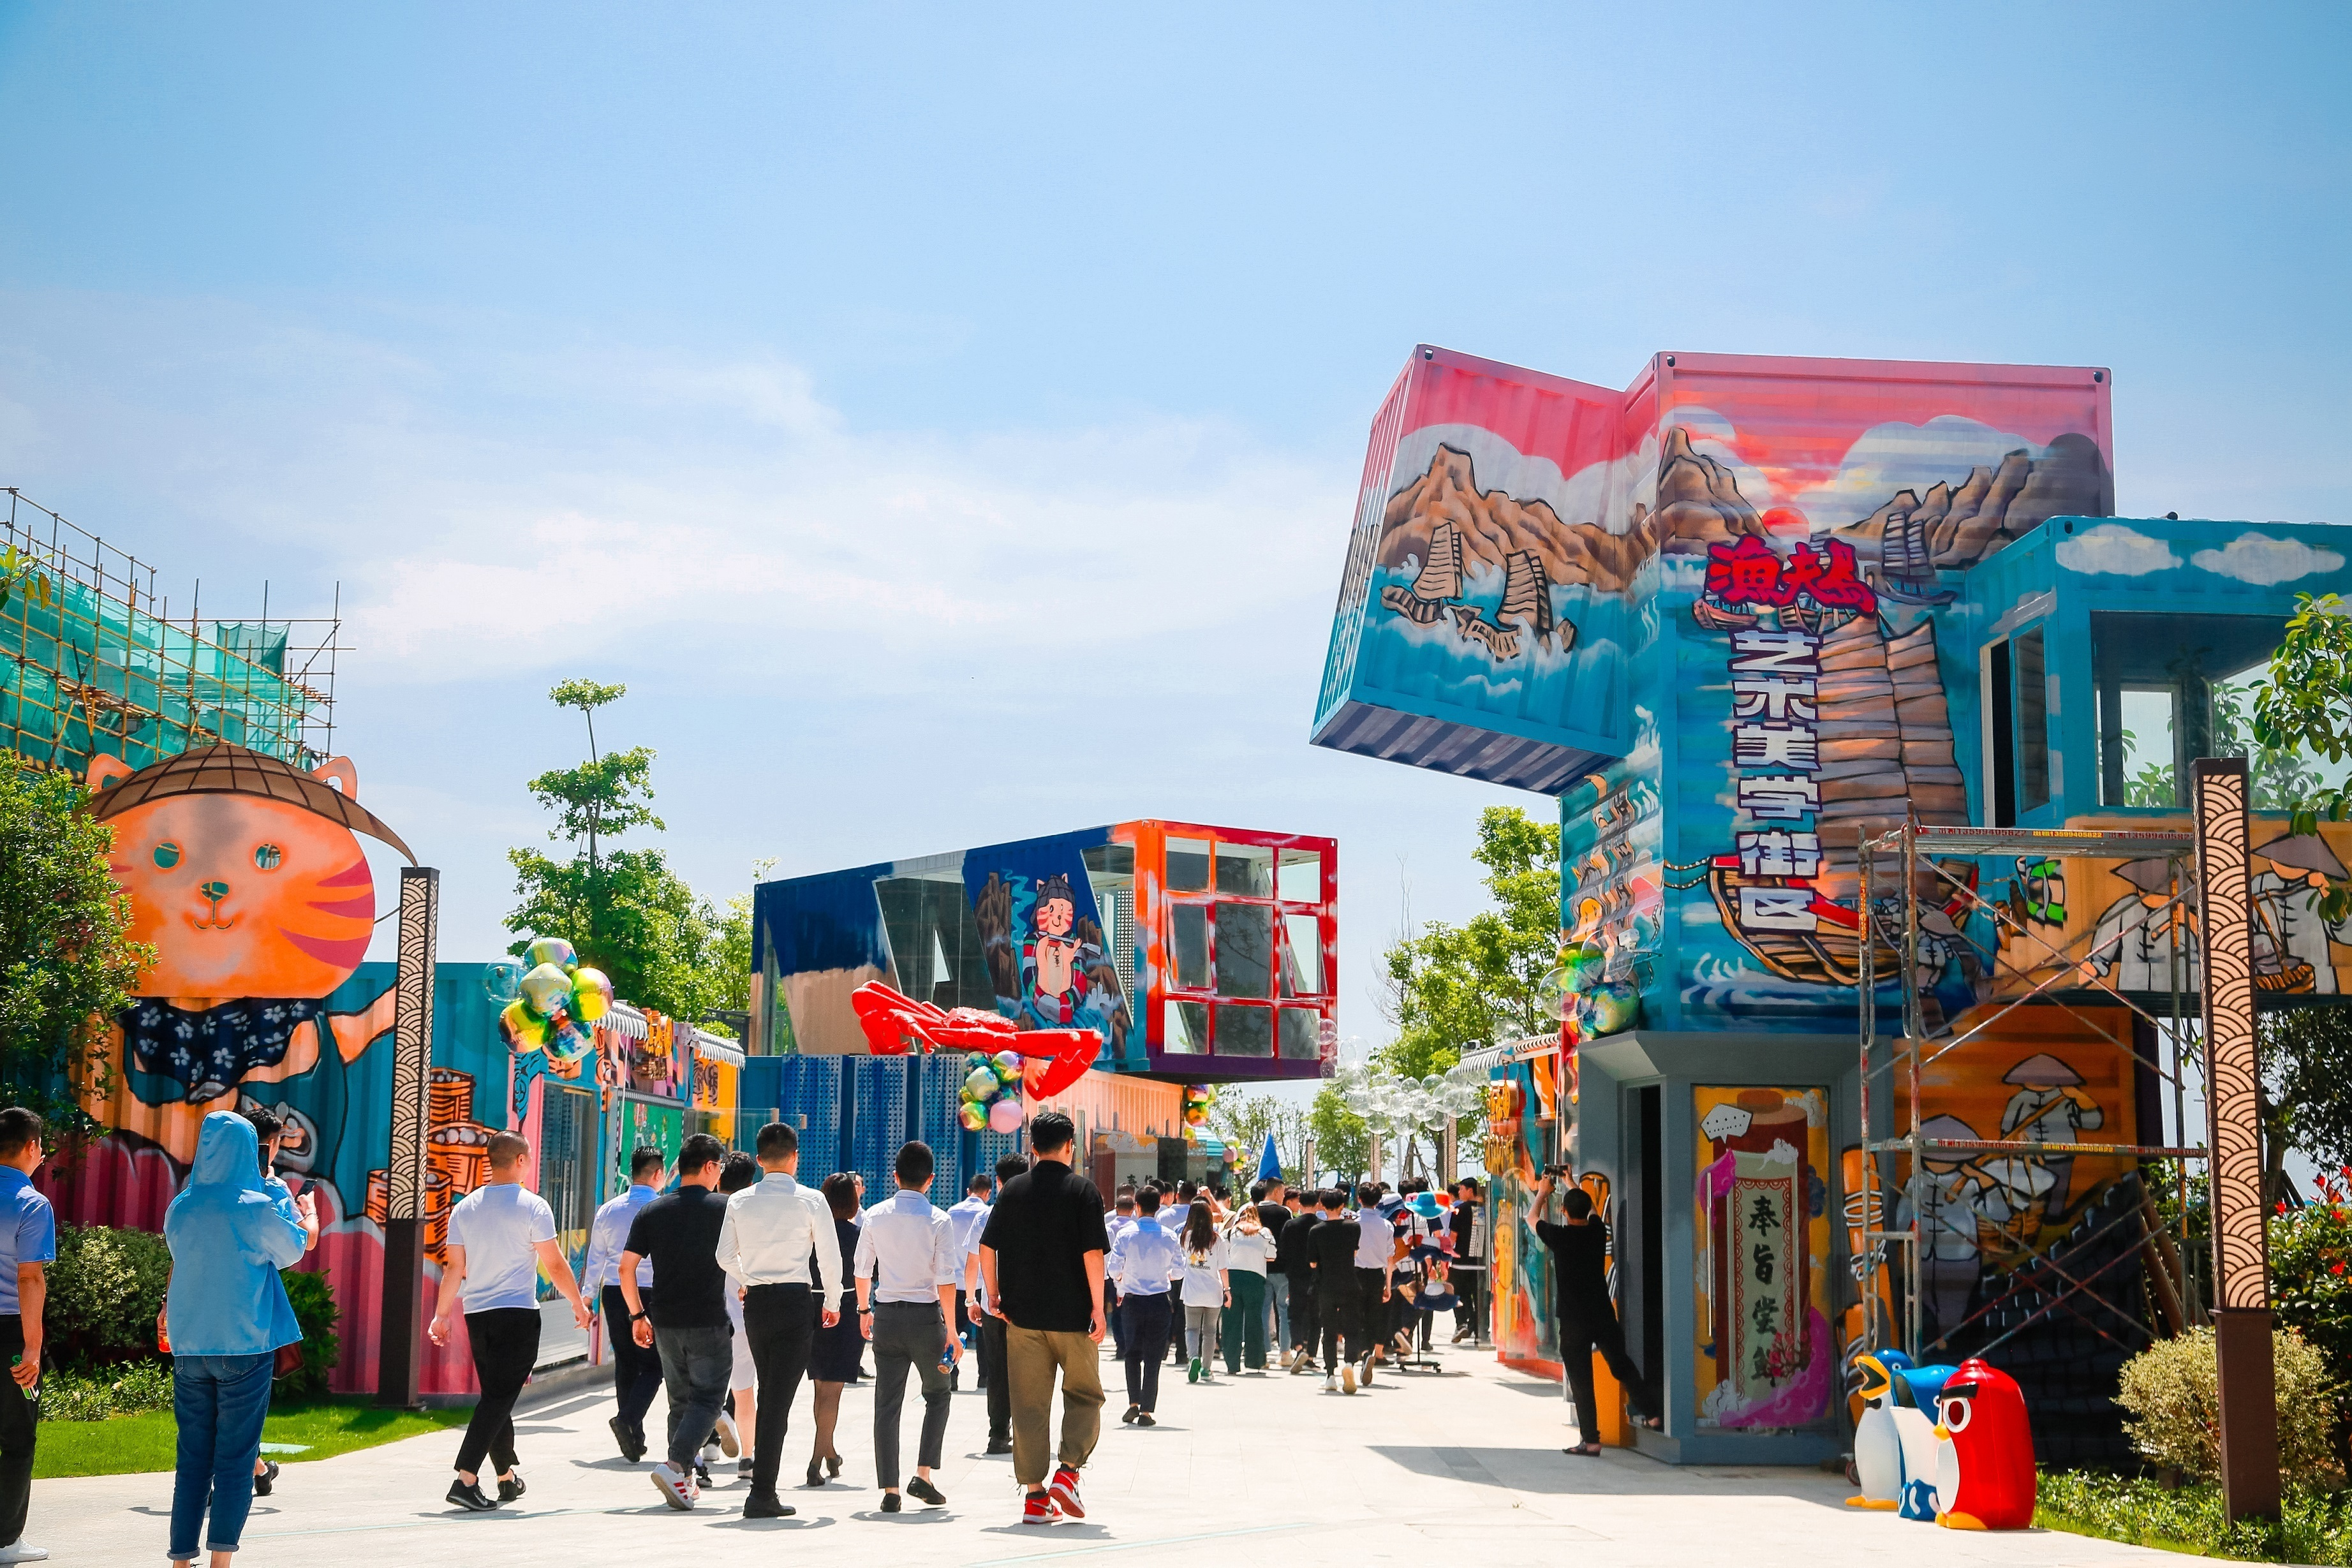 官坞村渔夫岛海洋艺术街区 (4)可用.jpg?x-oss-process=style/w10